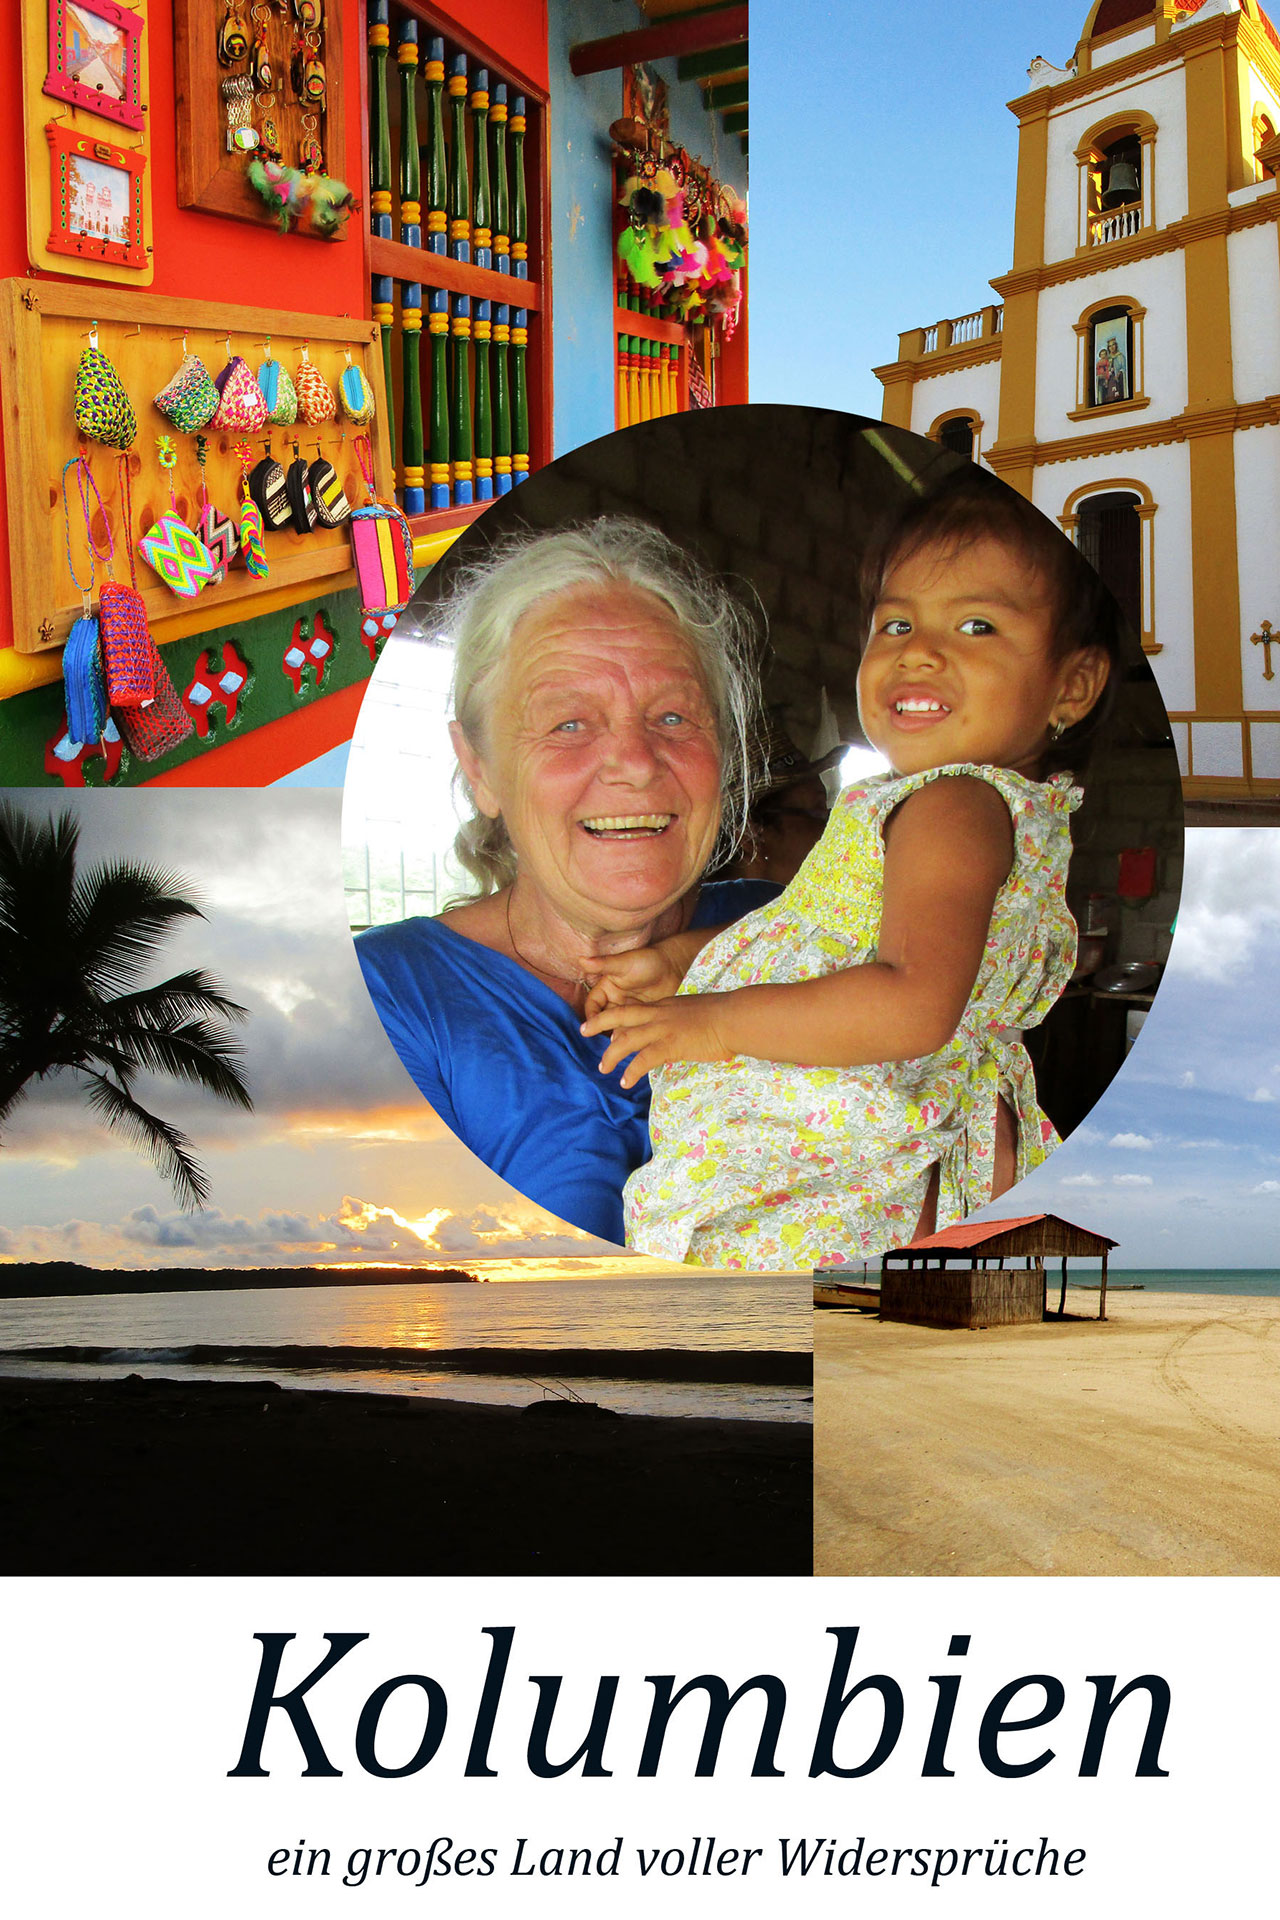 Stephanie Pauly Vorträge Karlo Osterinsel Kolumbien Georgien Koeln Beste Seniorenwohnen GAG Immobilien AG Bickendorf Rapa Nui Koeln Beste GAG Immobilien AG